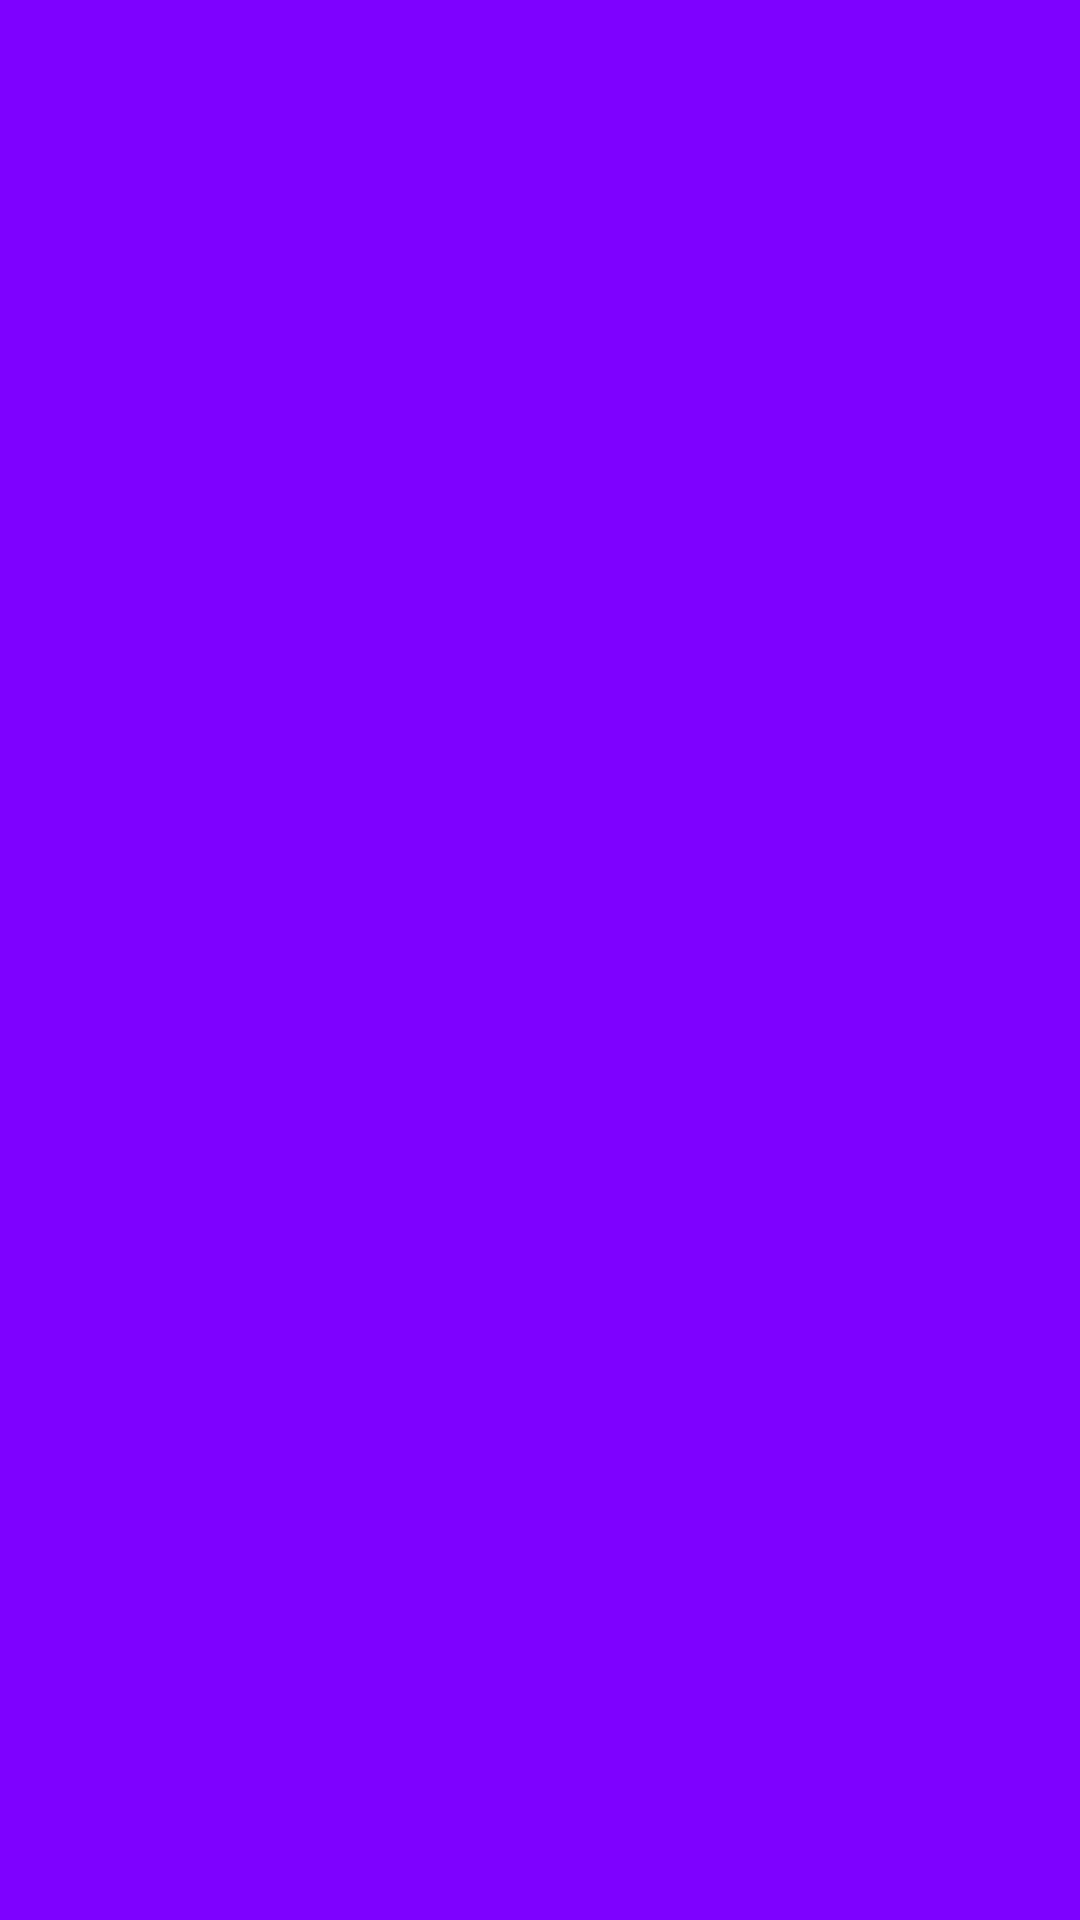 1080x1920 Violet Color Wheel Solid Color Background